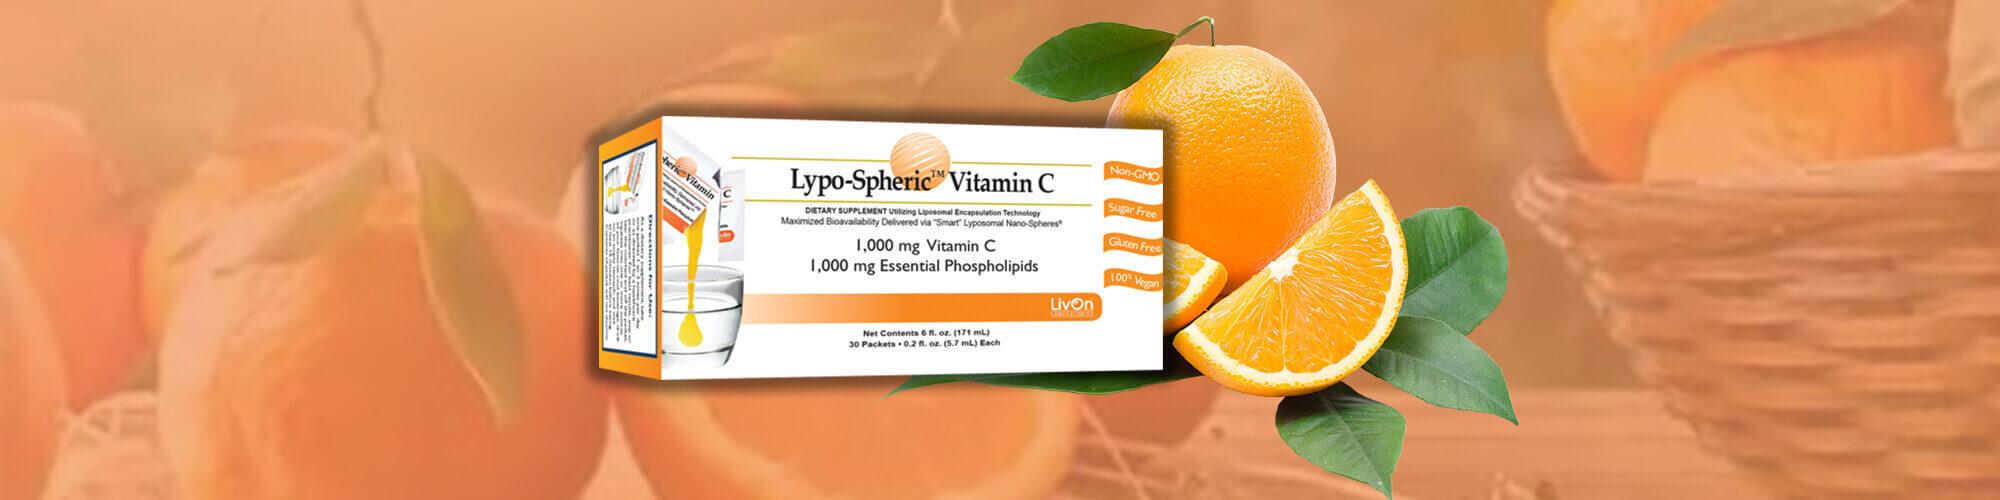 livon-liposomal-vitamin-c